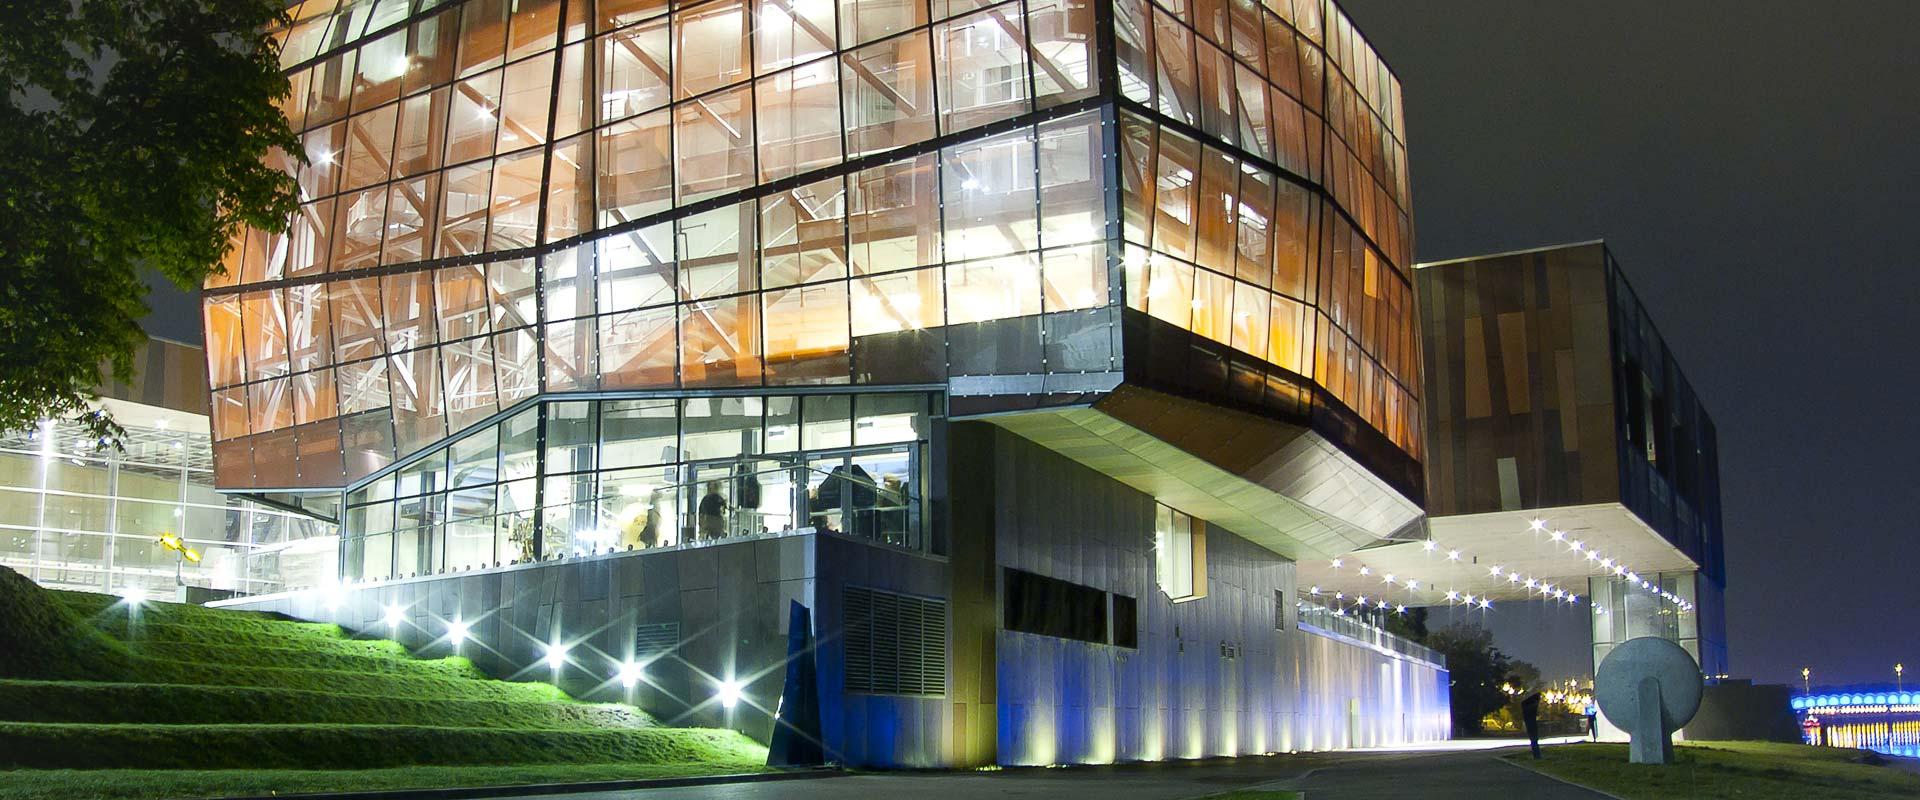 Centrum Nauki Kopernika